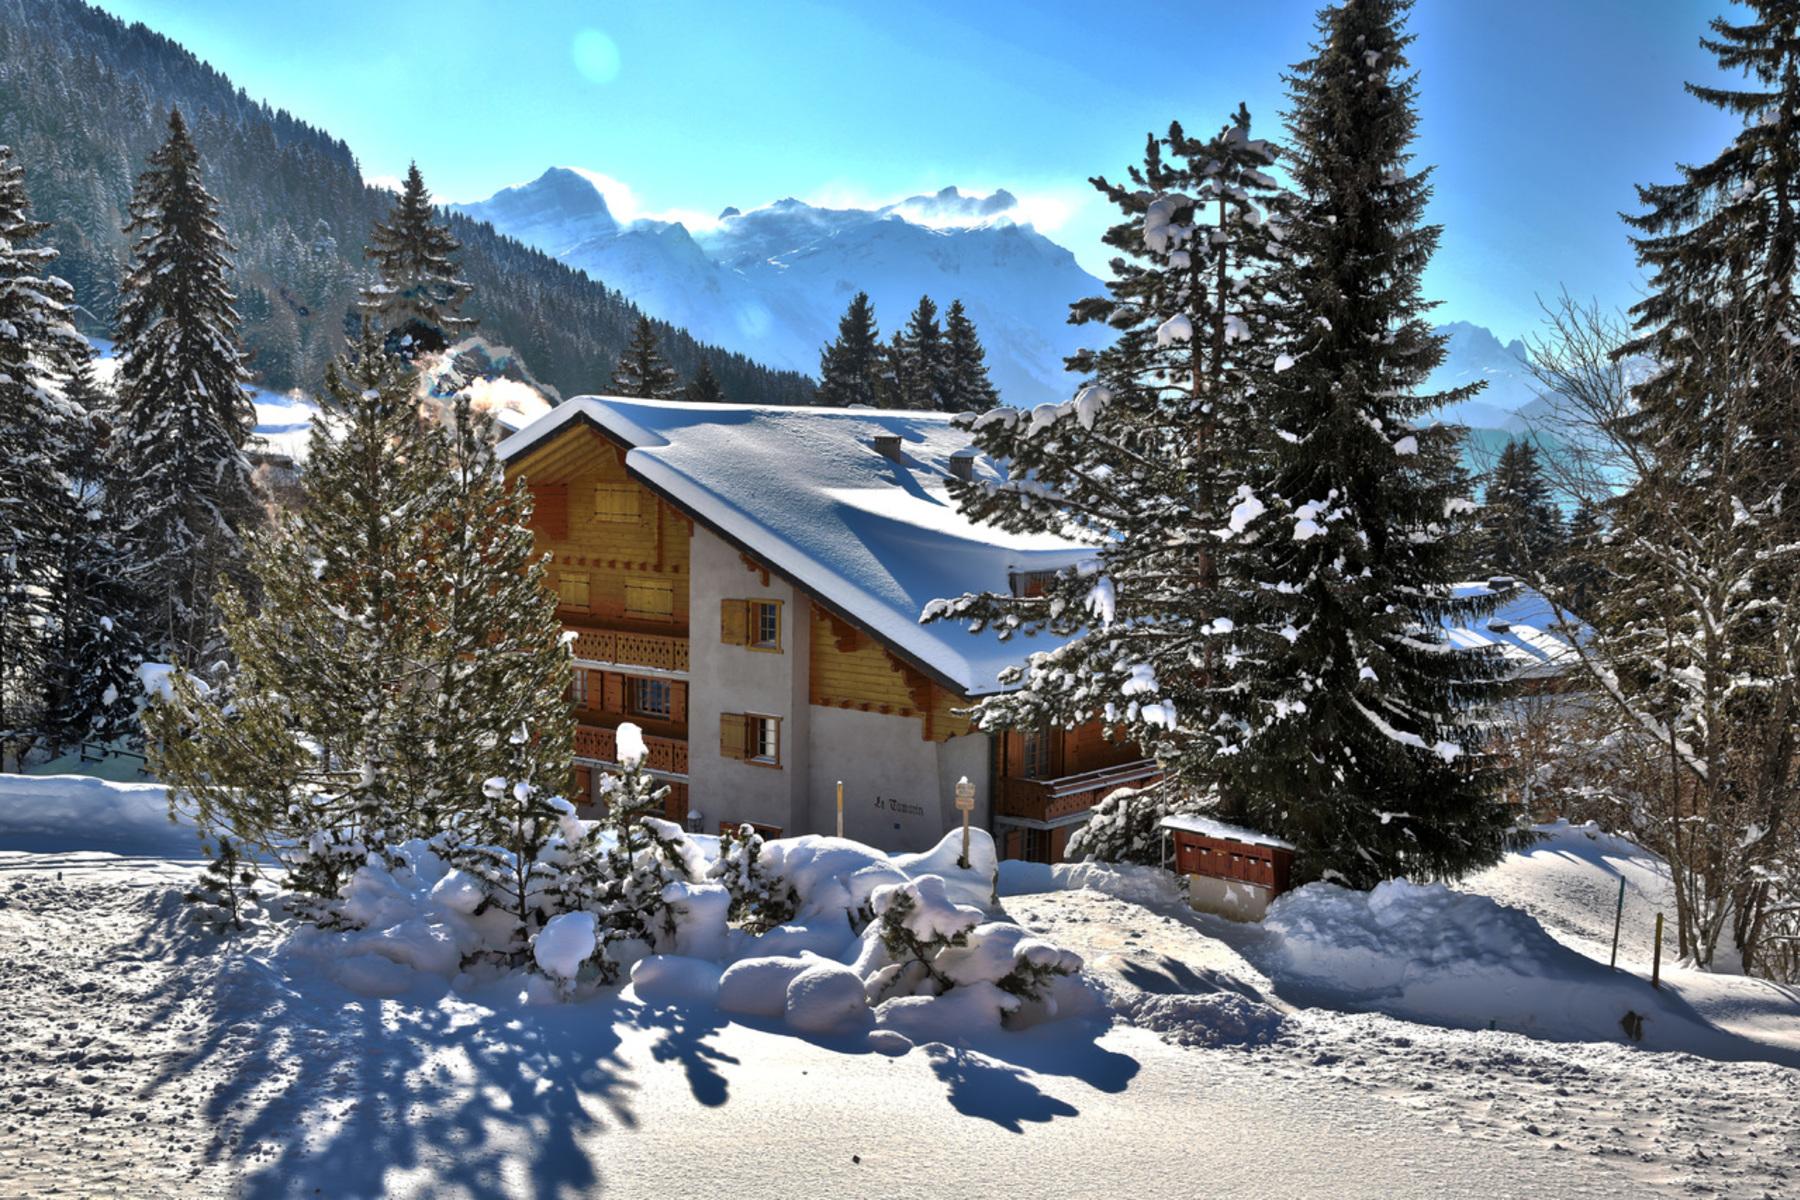 Apartment for Sale at Tamarin 6 Route de la Résidence 74 Villars-Sur-Ollon, Vaud, 1884 Switzerland